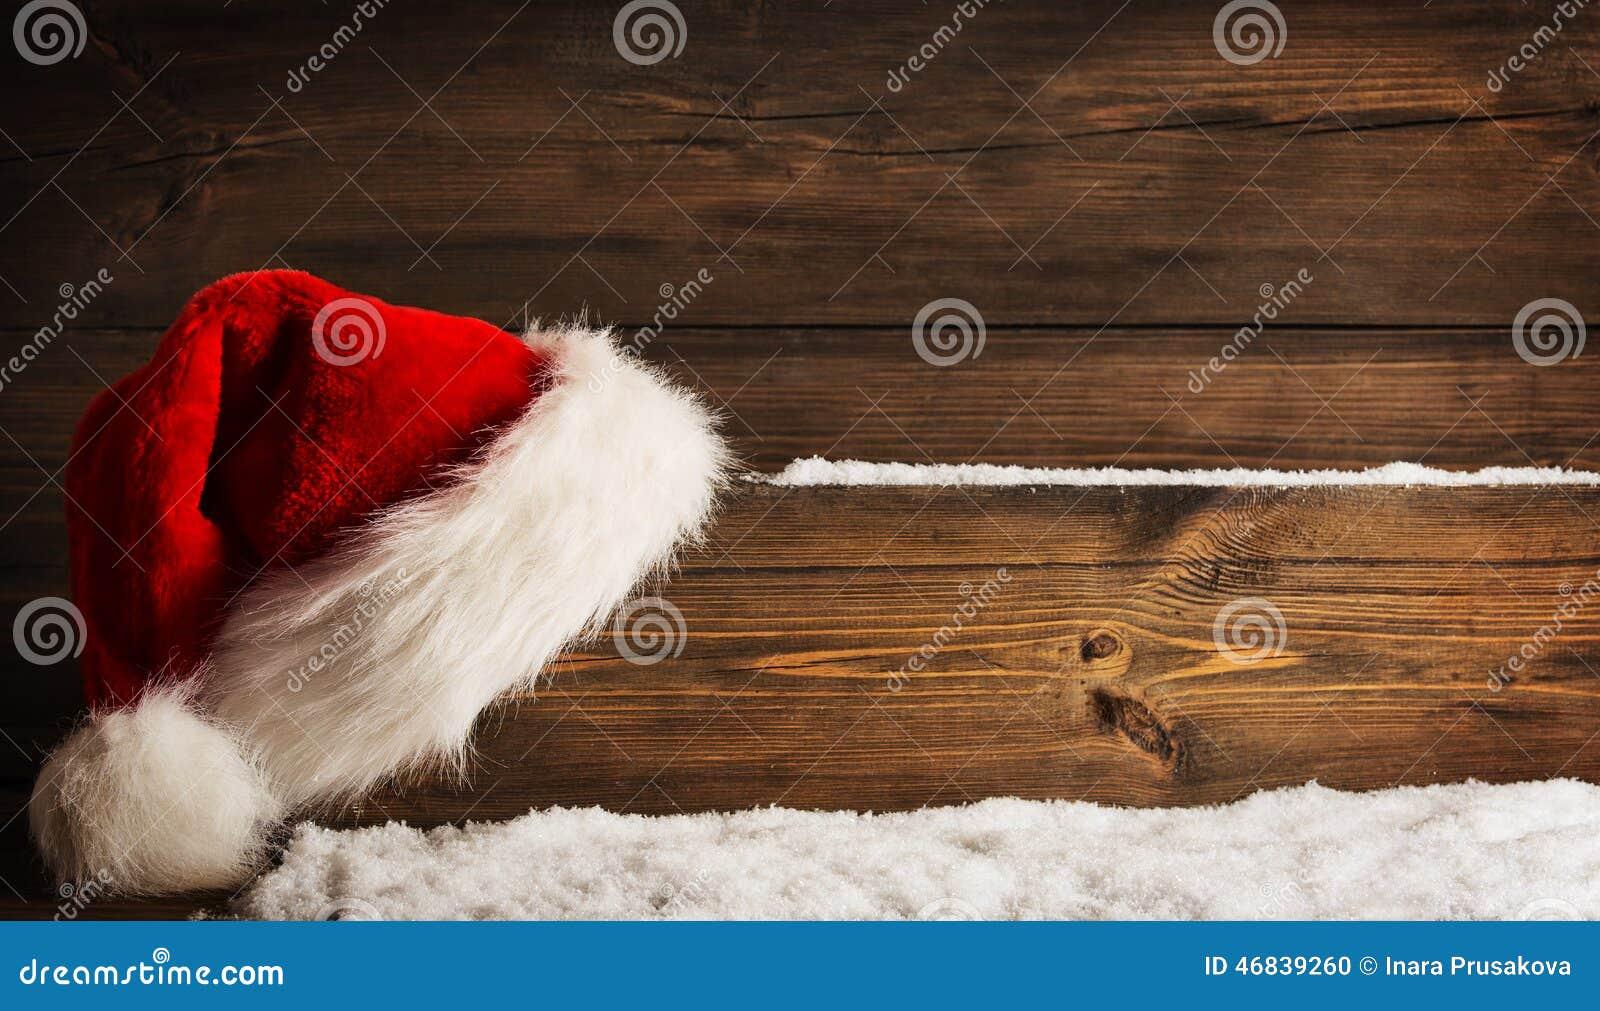 De Plank van Kerstmissanta claus hat hanging on wood, Kerstmisconcept